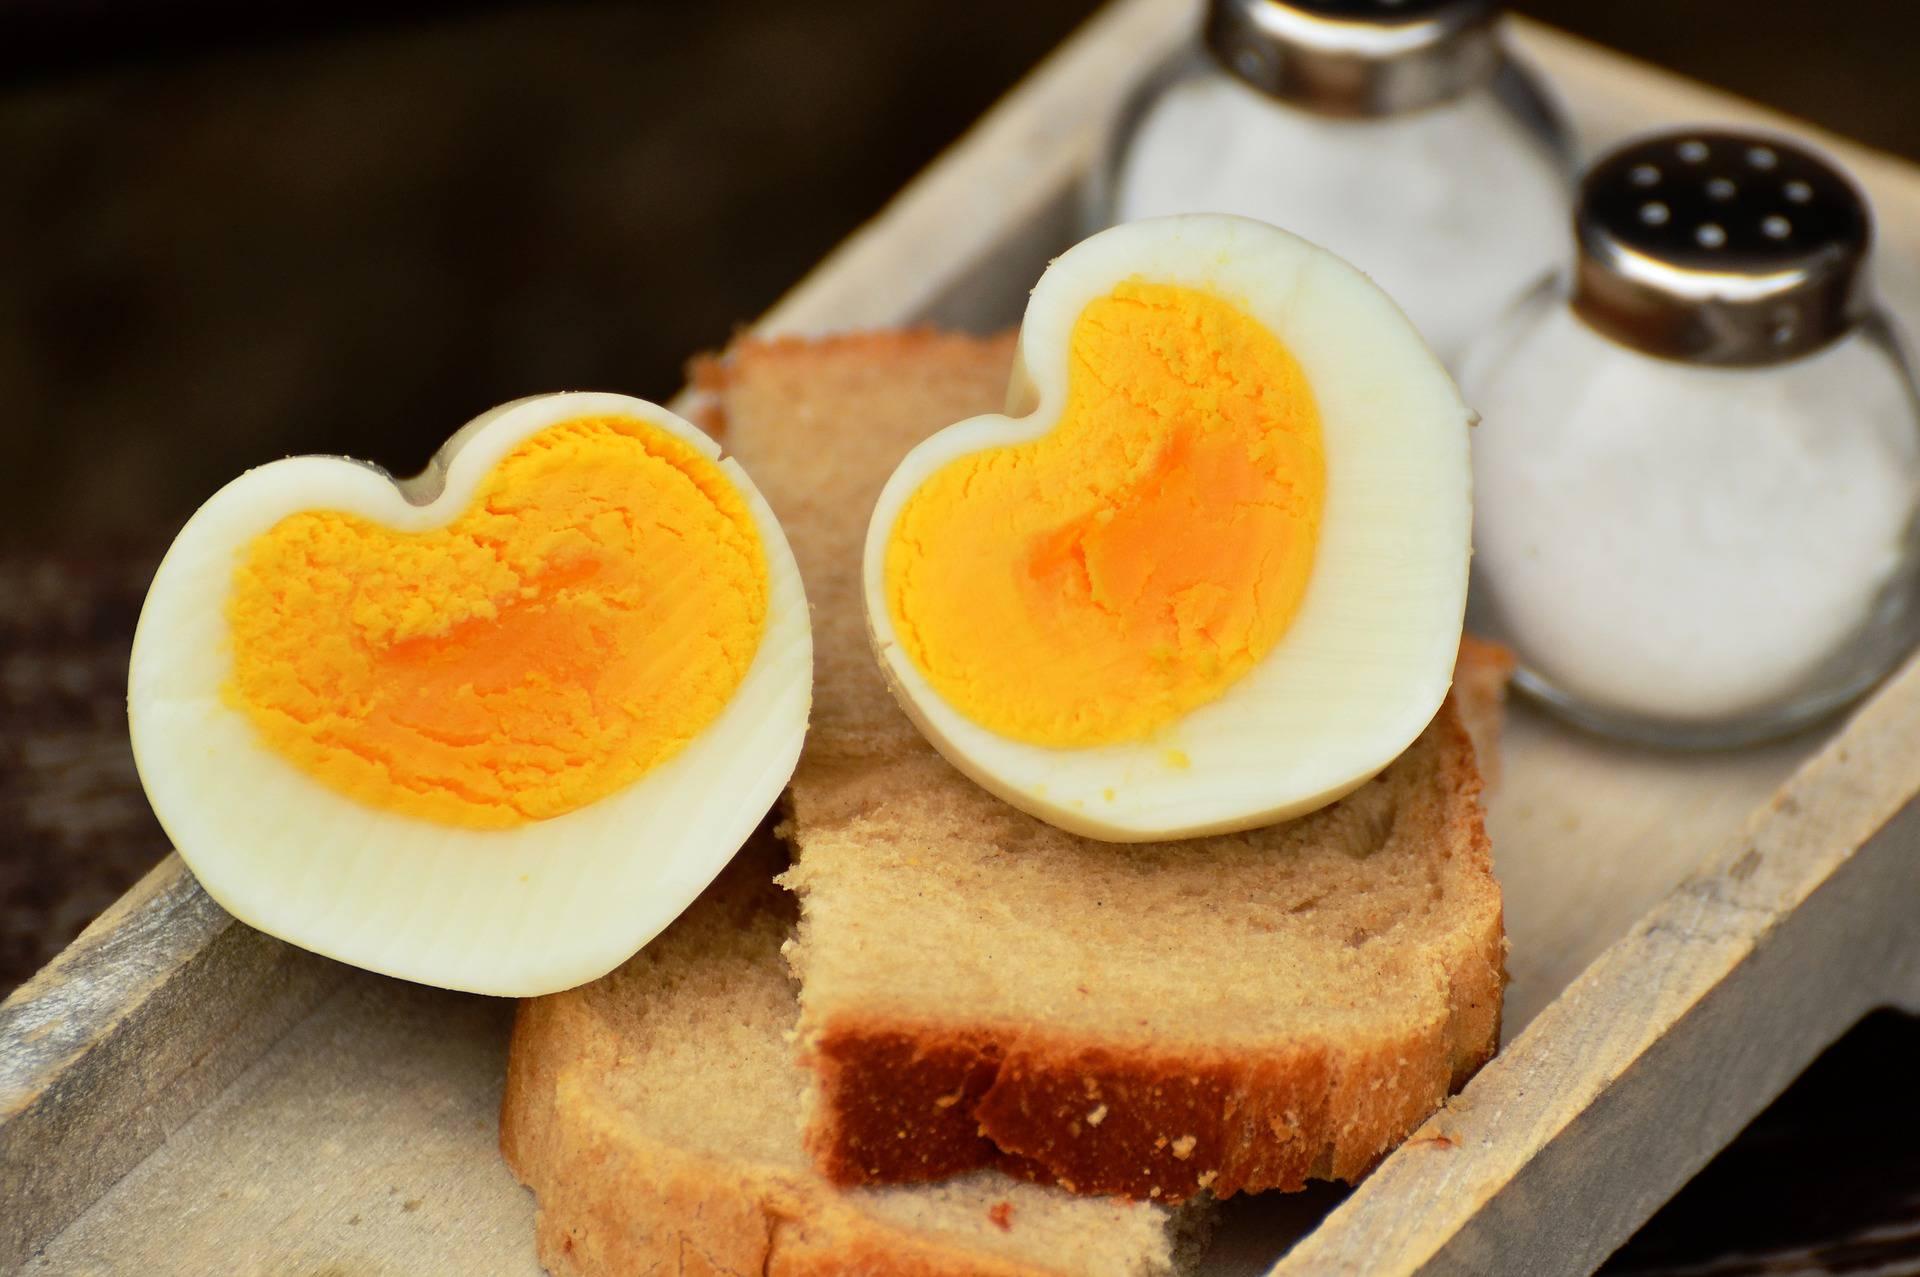 Perdere peso velocemente con la dieta delle uova sode